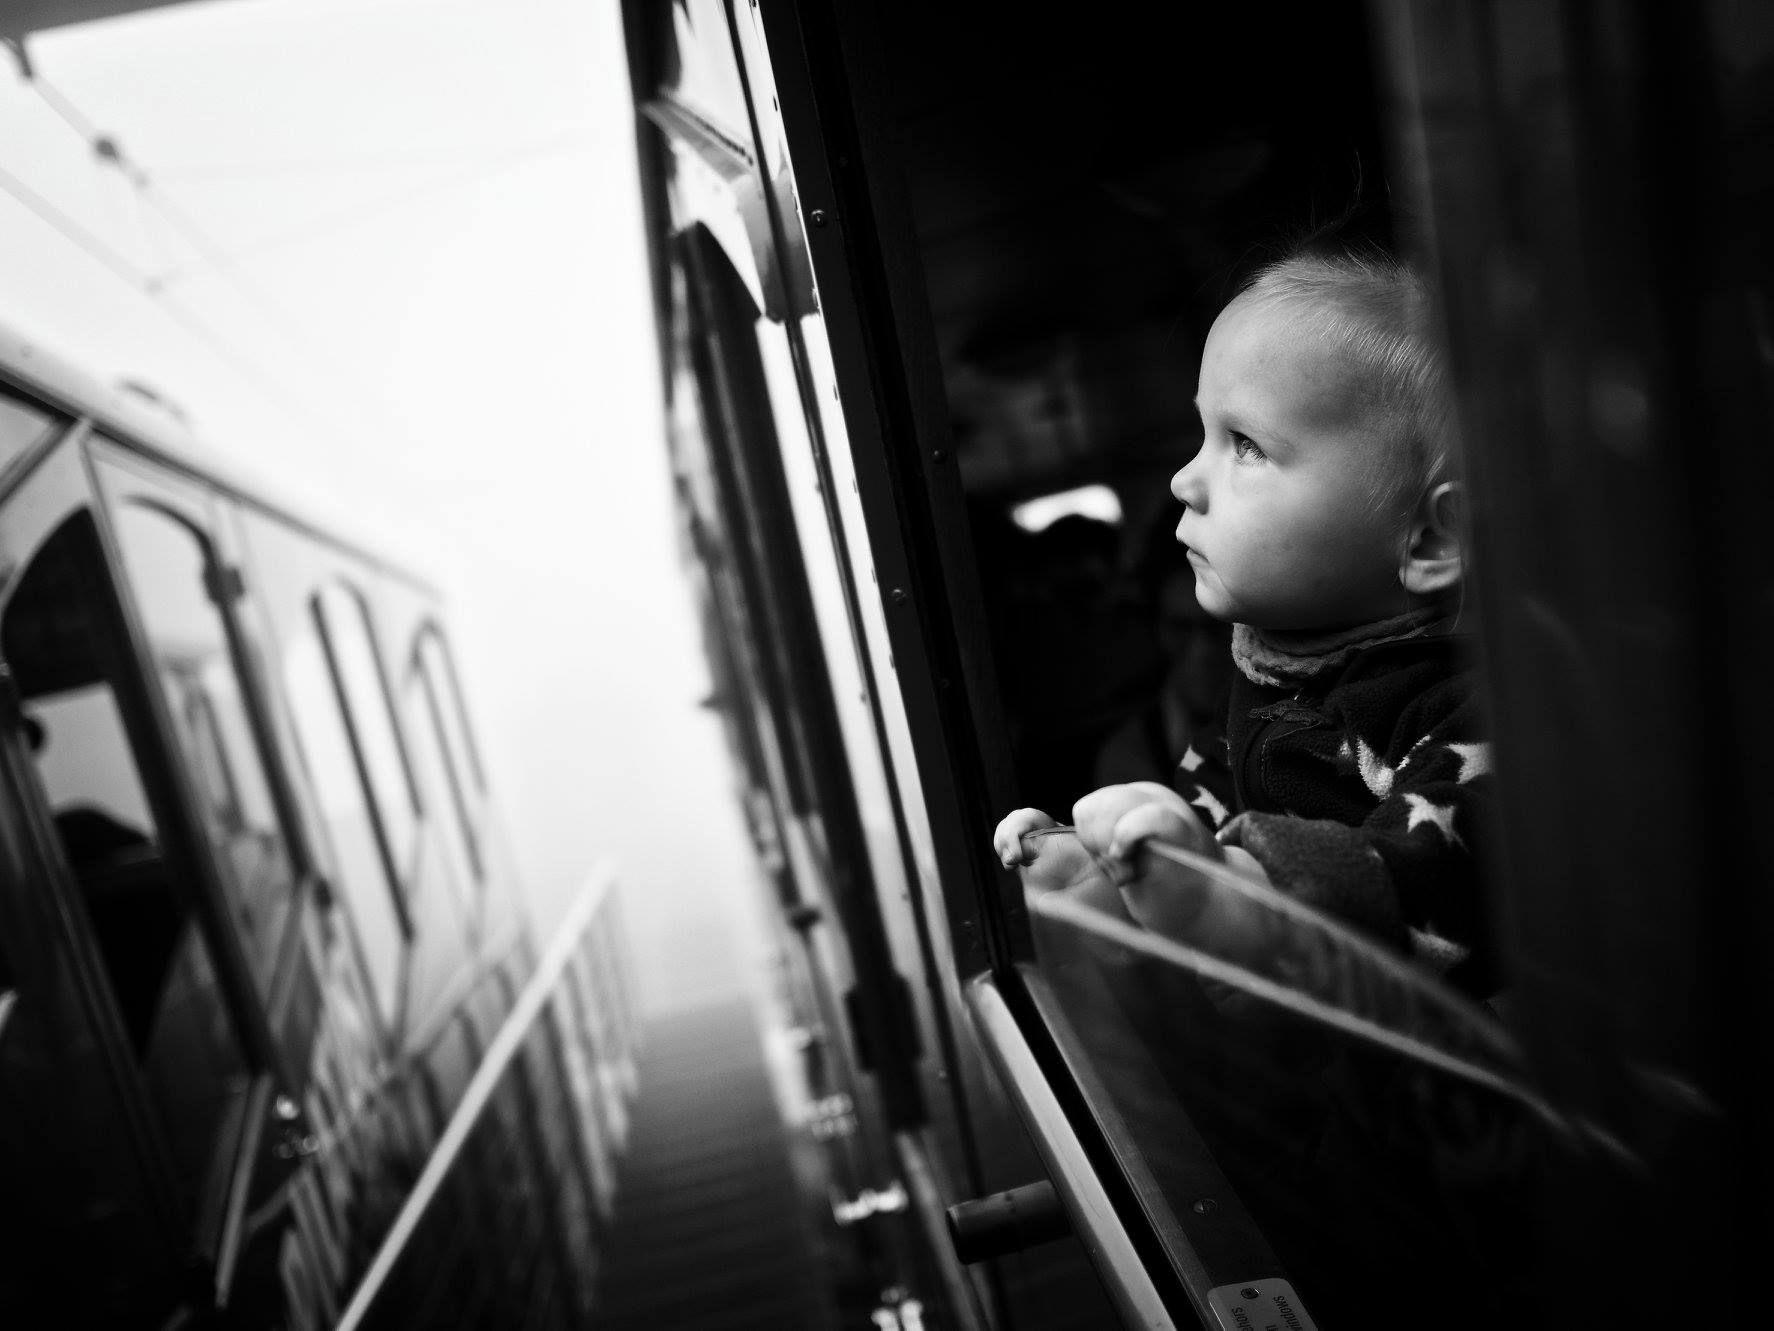 5fefd0be284 To nejlepší z ulic. Vybrané snímky fotografické skupiny Street Report z  roku 2018 - Aktuálně.cz